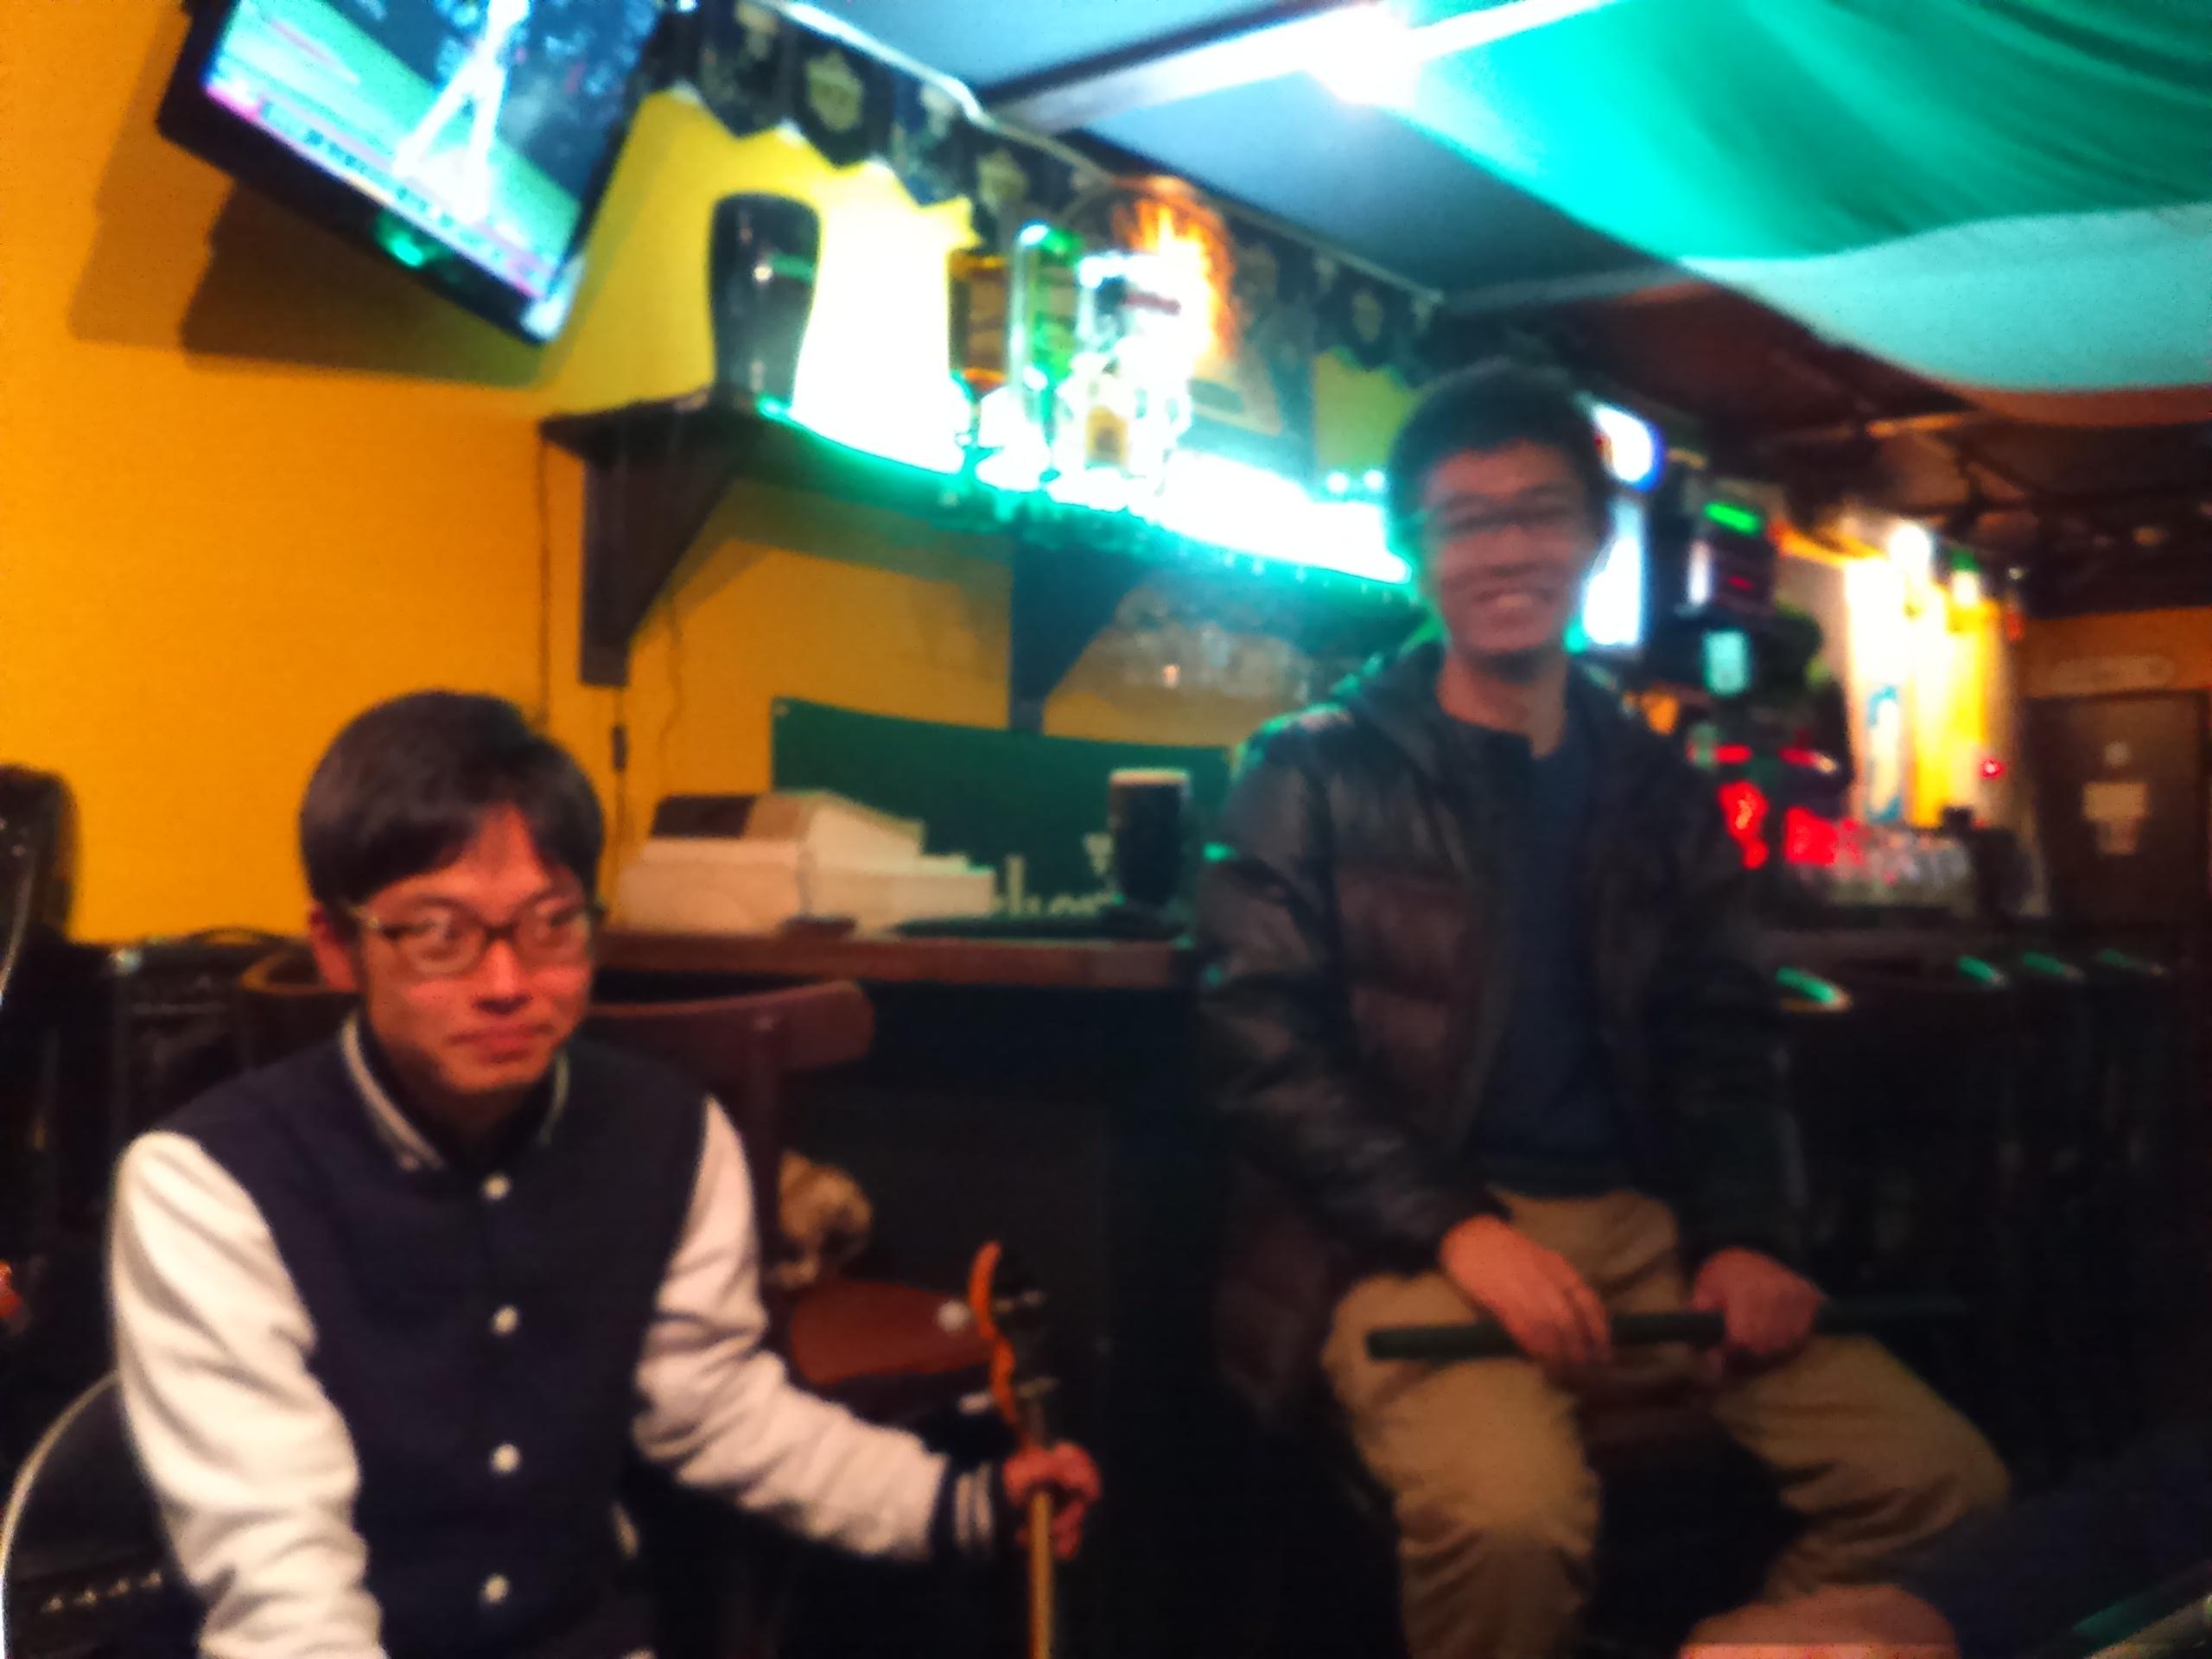 2017/03/08 大阪心斎橋、マーフィーズセッションに参加してきました♪♬